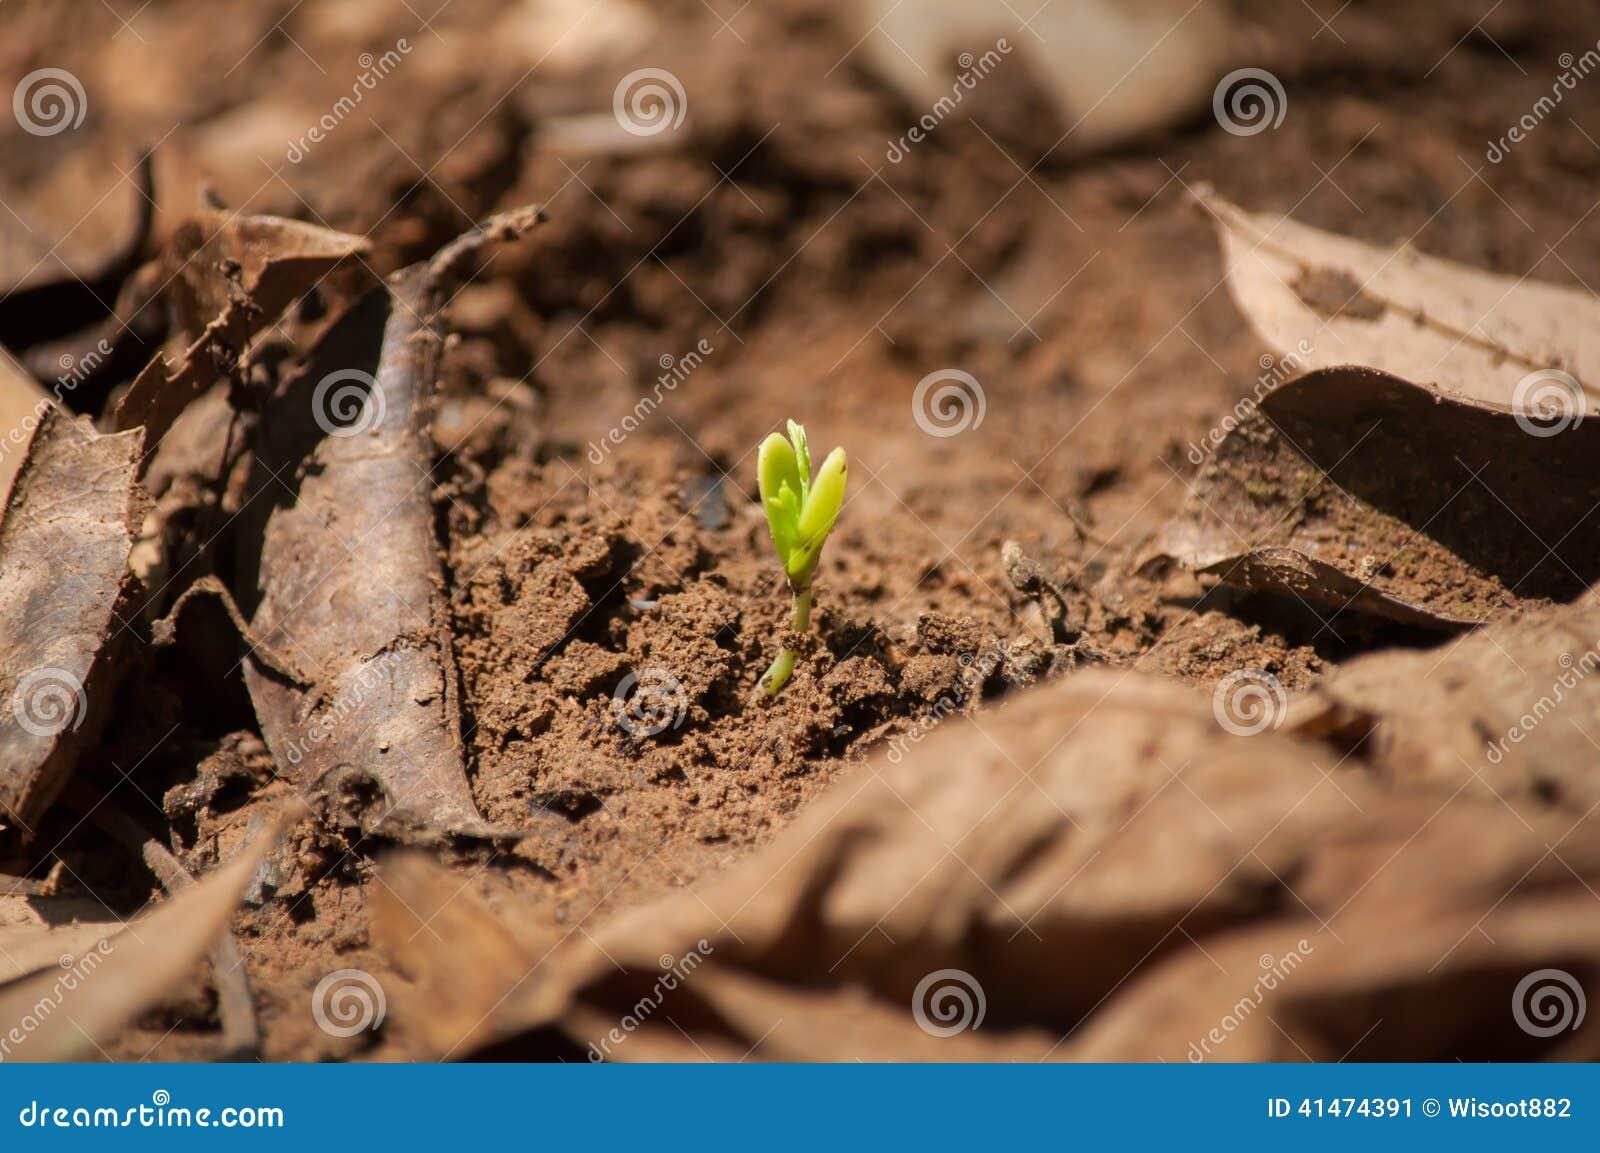 graine croissante de caf sur la terre photo stock image 41474391. Black Bedroom Furniture Sets. Home Design Ideas